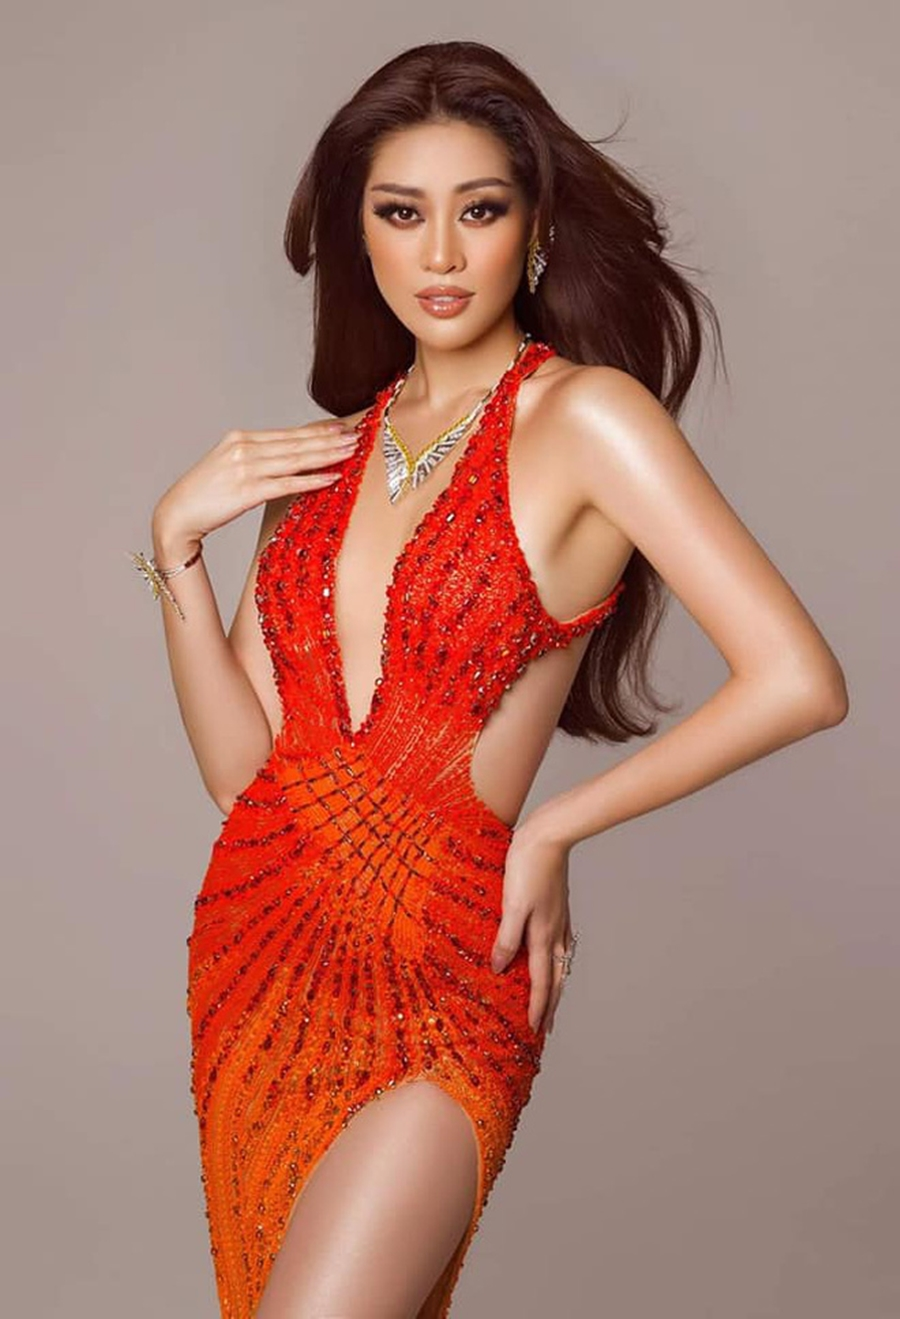 Fan Việt tiếc nuối khi Khánh Vân trượt Top 10 Miss Universe 2020 0